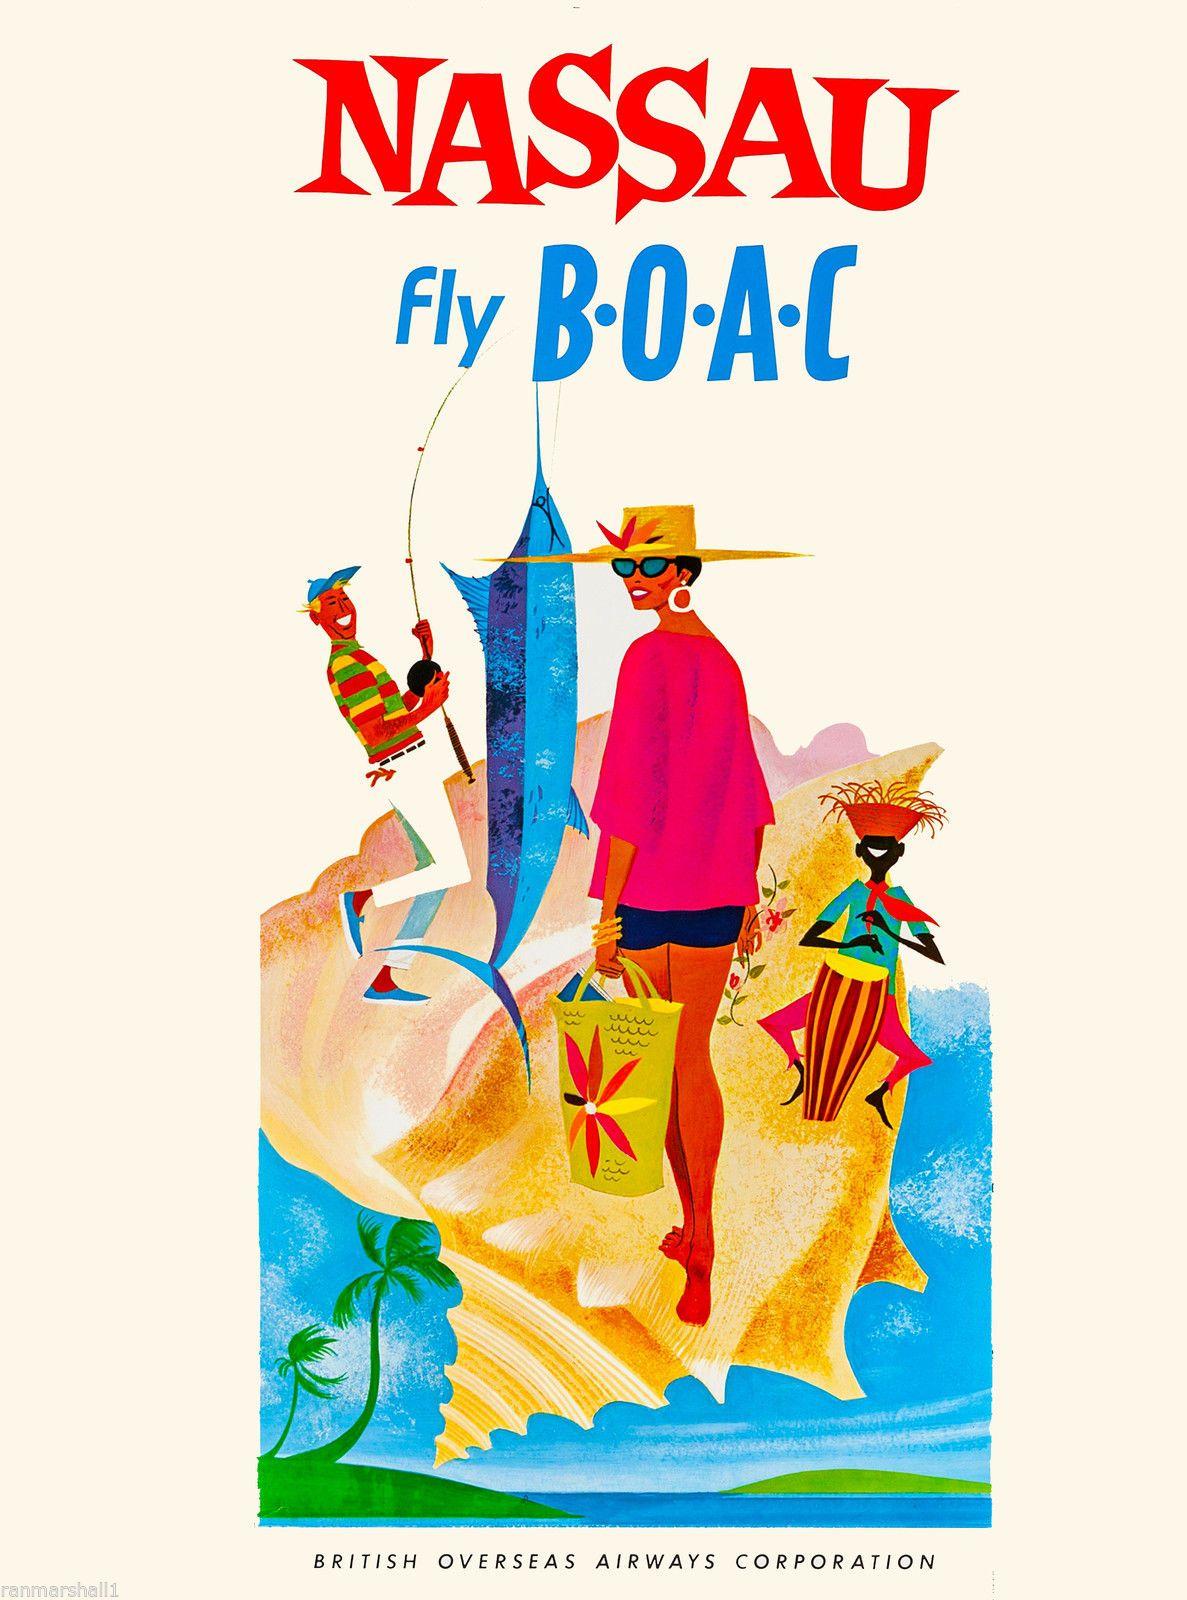 boac - nassau in 2019 | island beach, nassau bahamas, caribbean